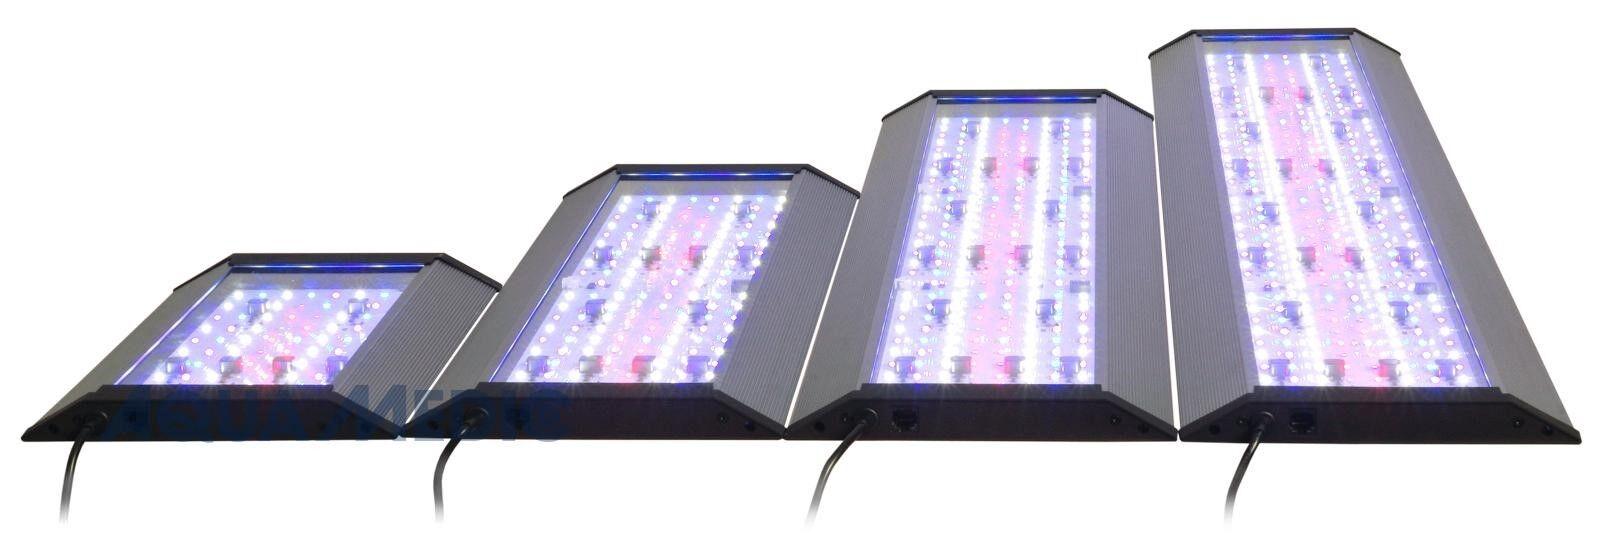 Aqua Medic Aquarius 30,60, 90,120 LED Lámpara Acuario para Acuarios Marinos